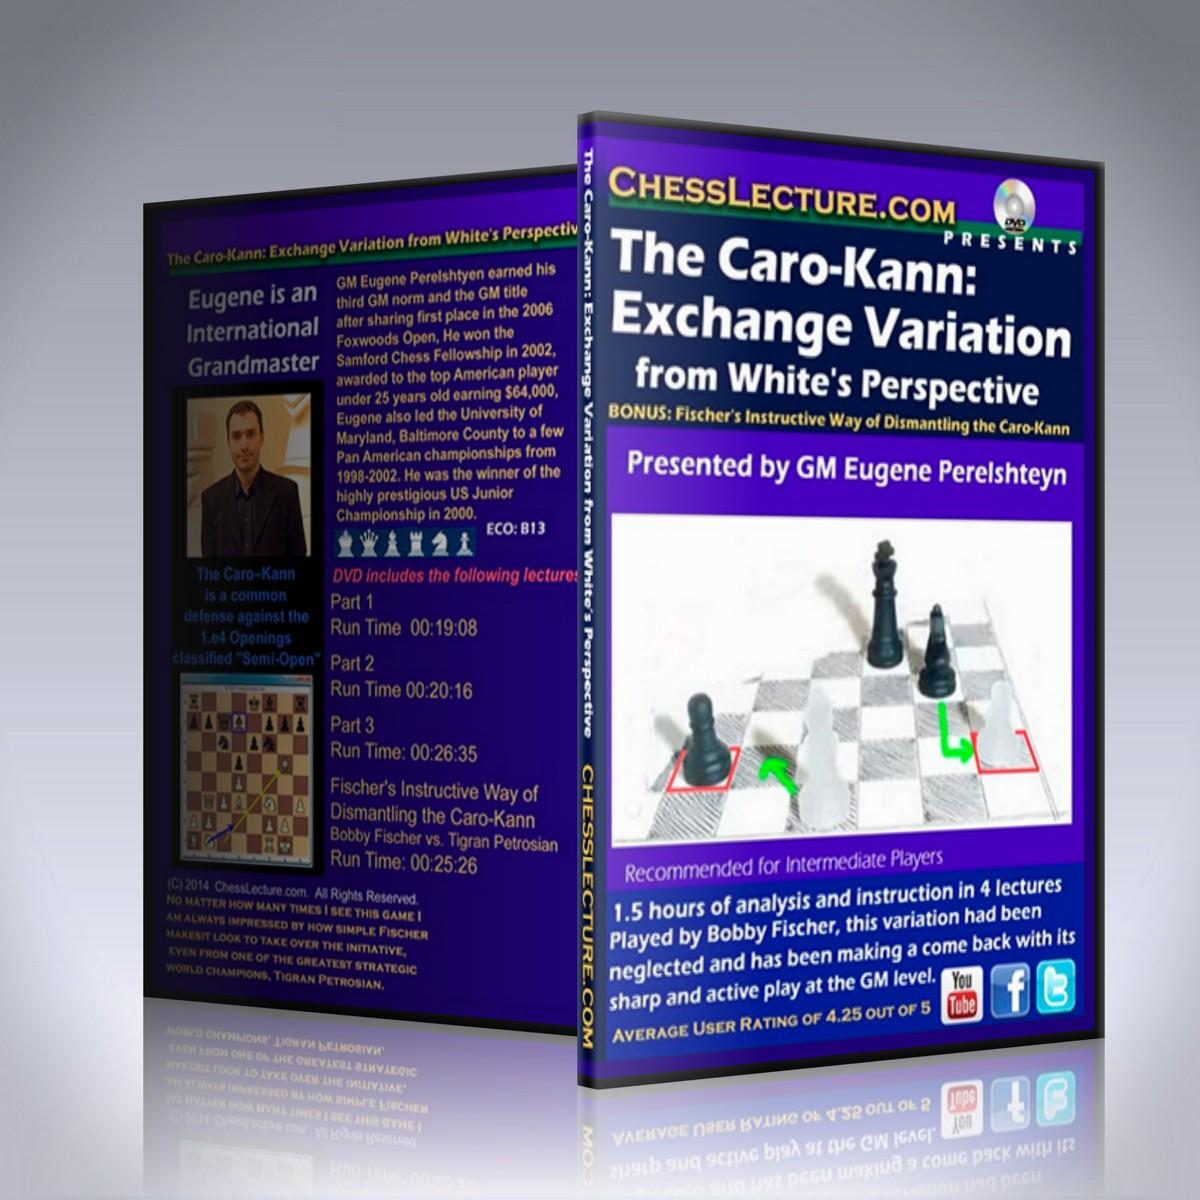 The Caro-Kann Exchange Variation from White's Perspective – GM Eugene Perelshteyn